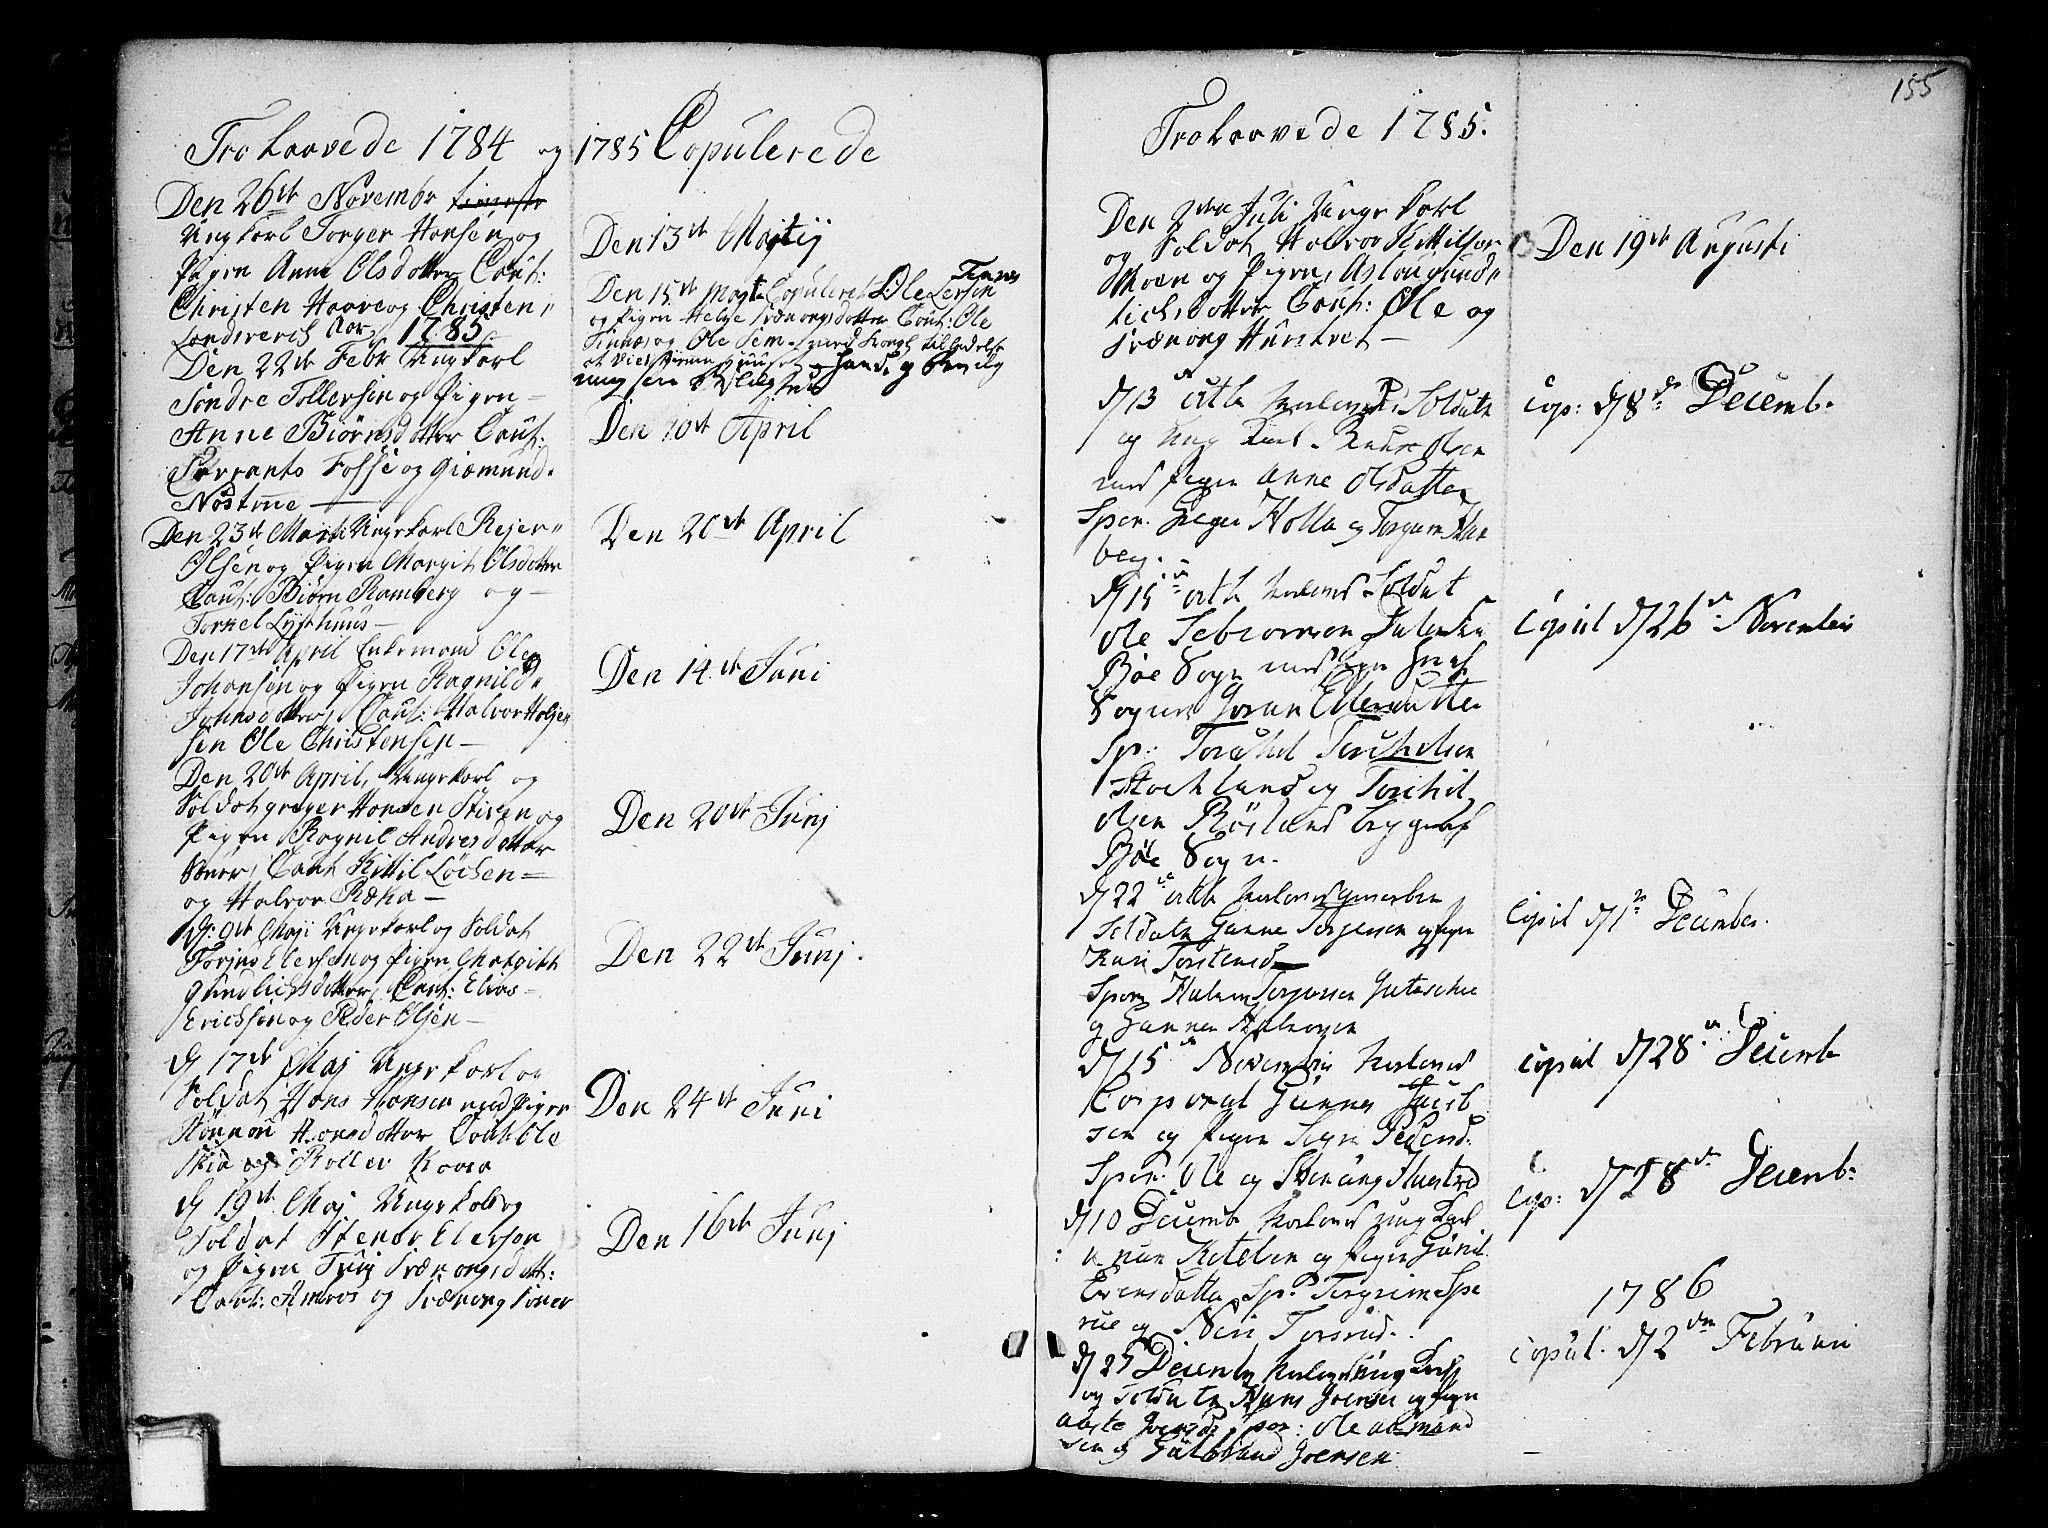 SAKO, Heddal kirkebøker, F/Fa/L0004: Ministerialbok nr. I 4, 1784-1814, s. 155